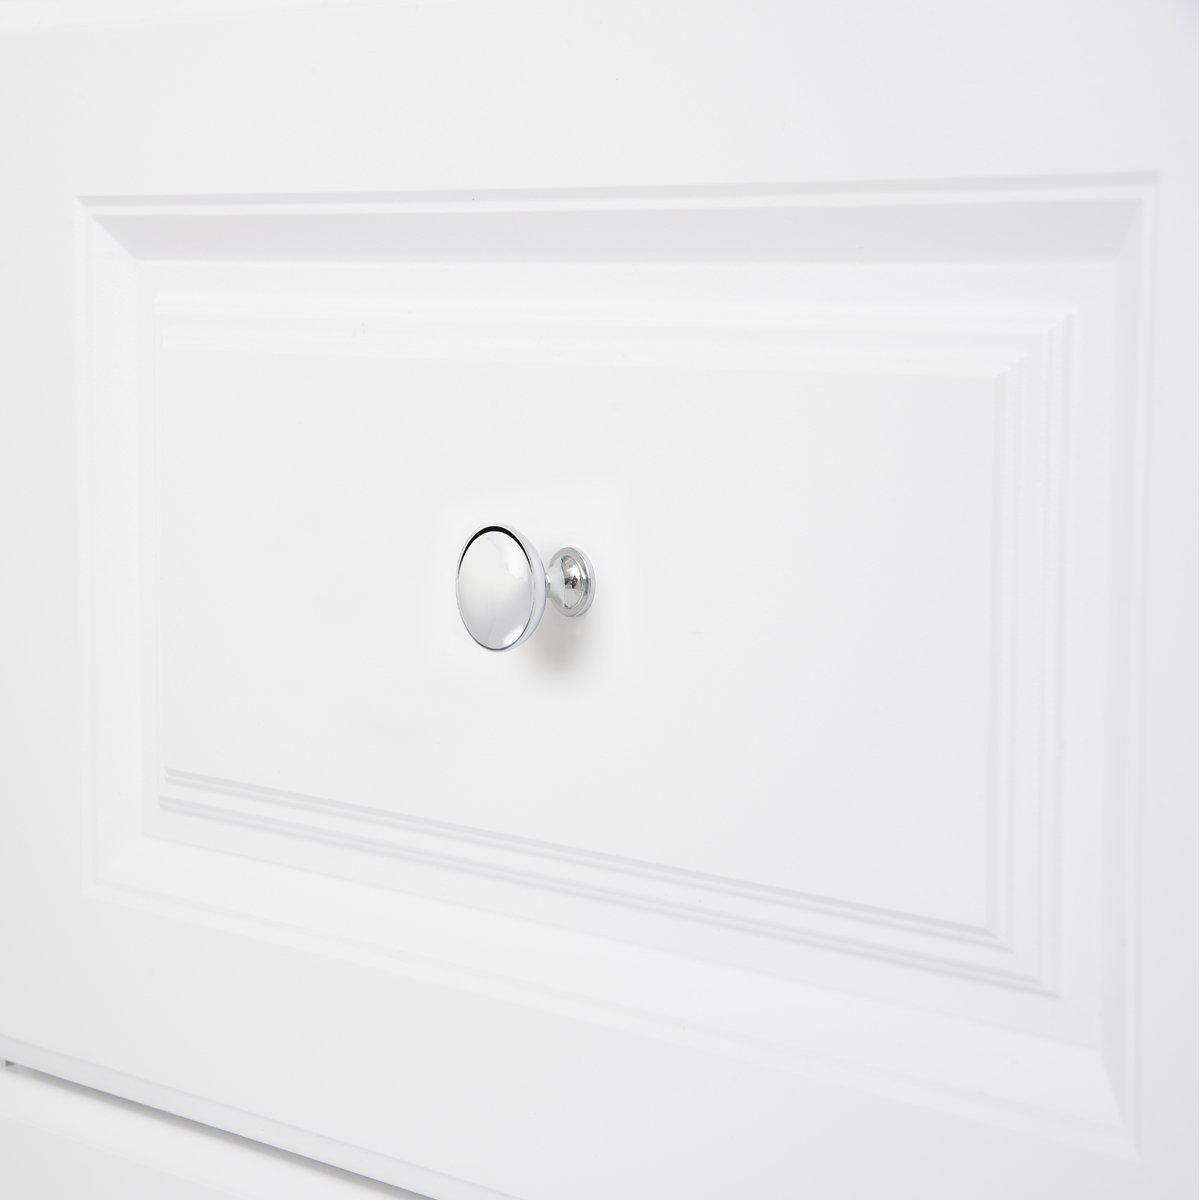 Pomolo tondo per mobili Diametro: 3,98 cm Basics Confezione da 25 pezzi Argento anticato